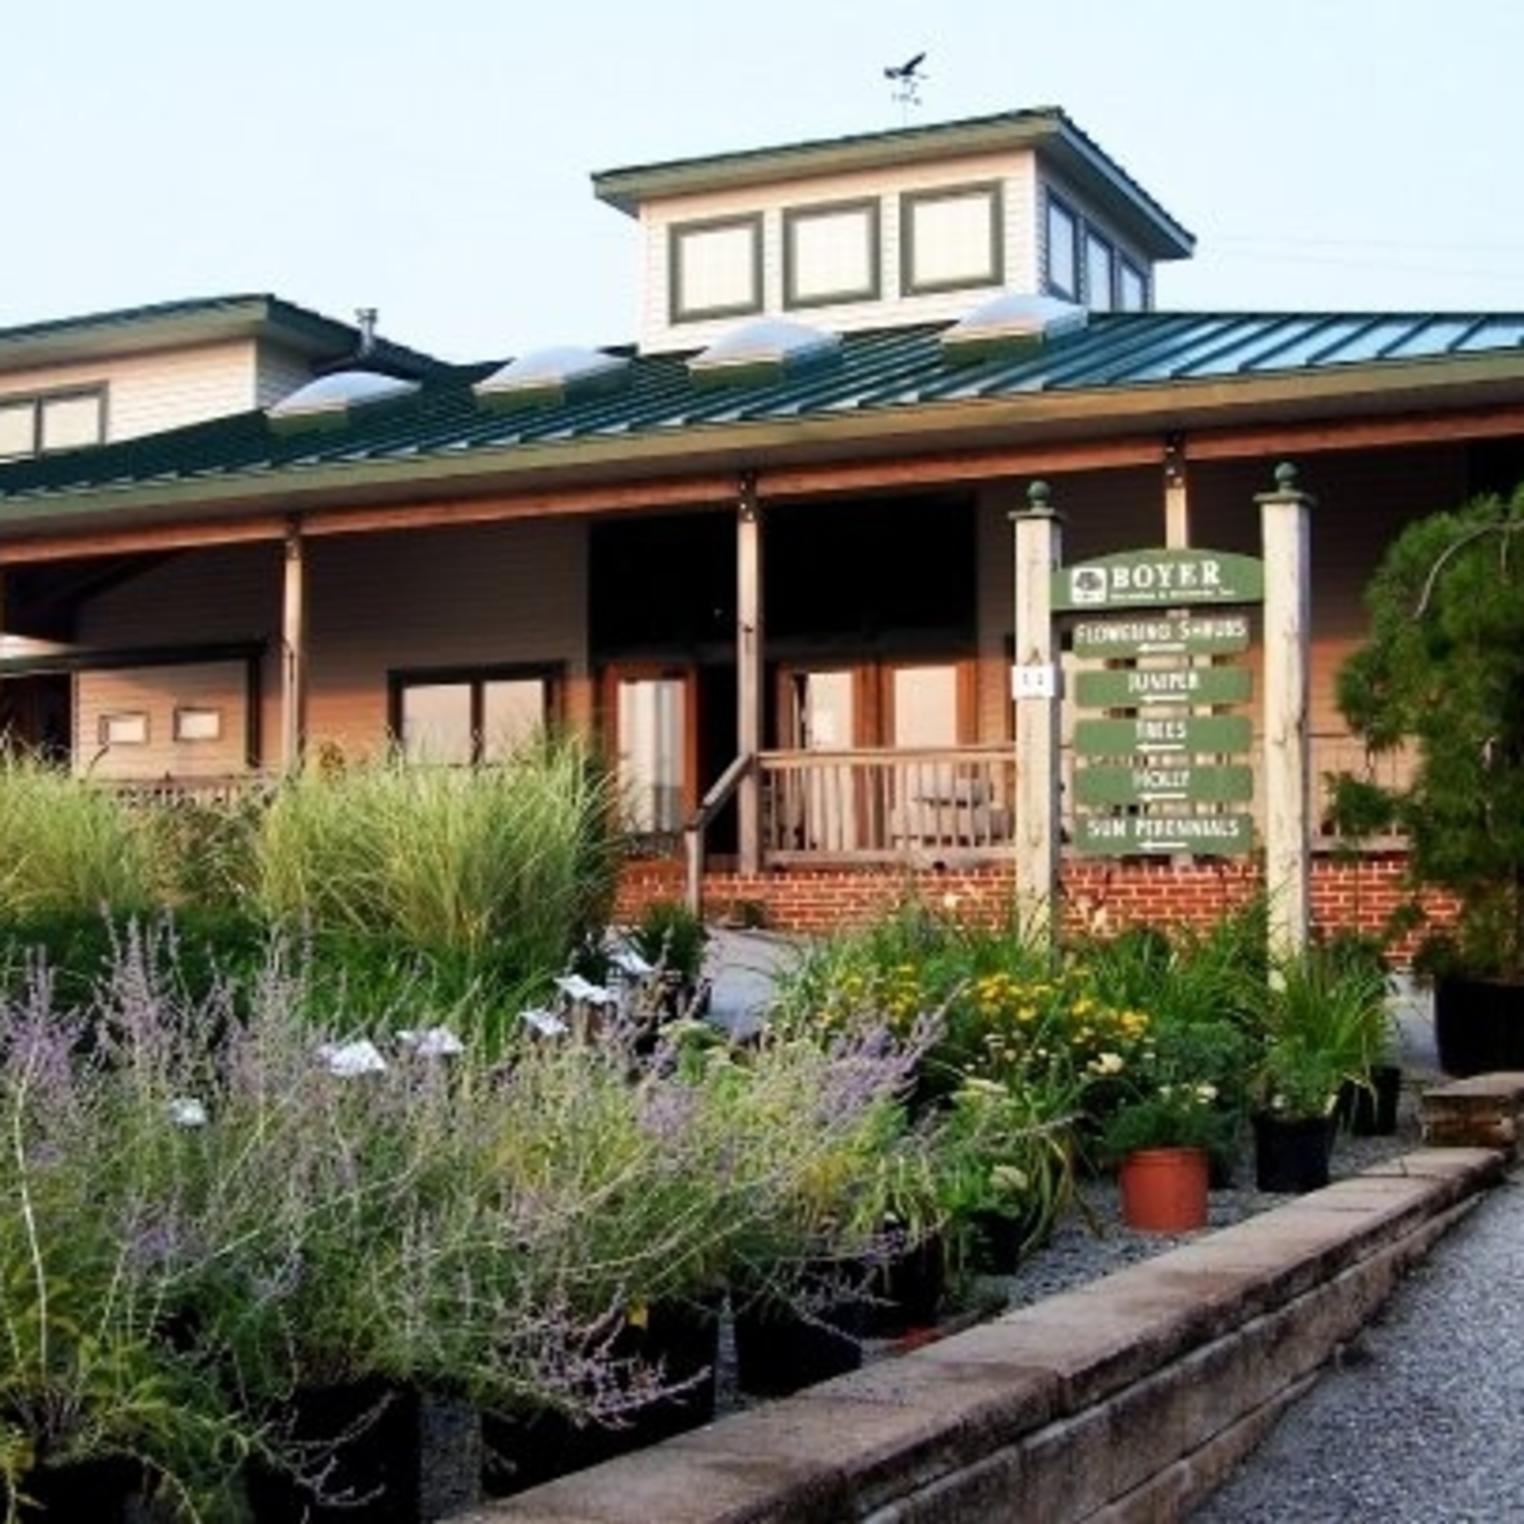 Boyer Garden Shop